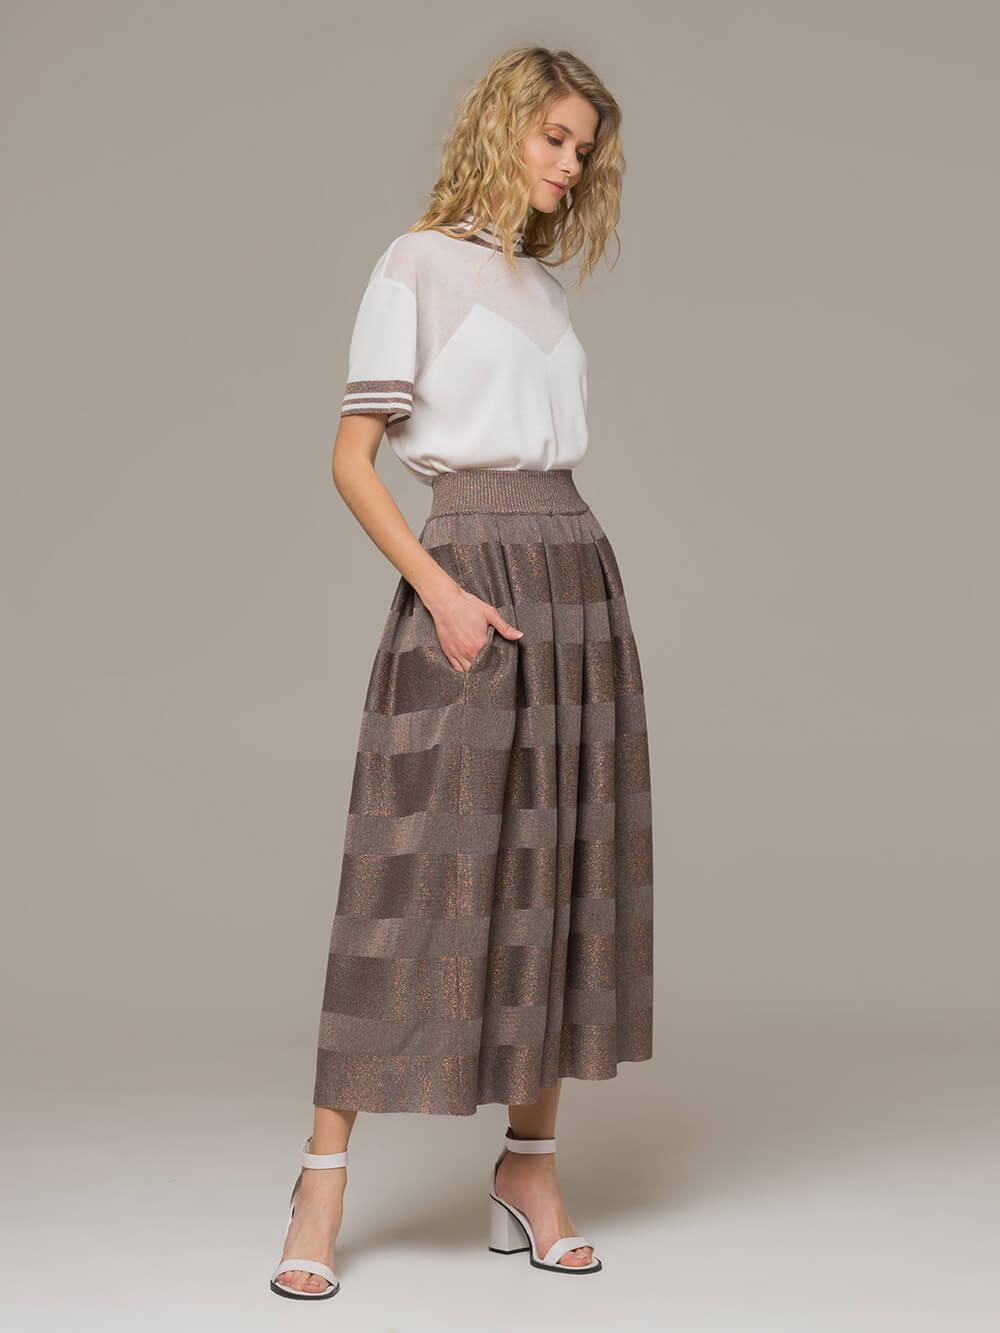 Женская юбка миди серо-коричневого цвета - фото 1